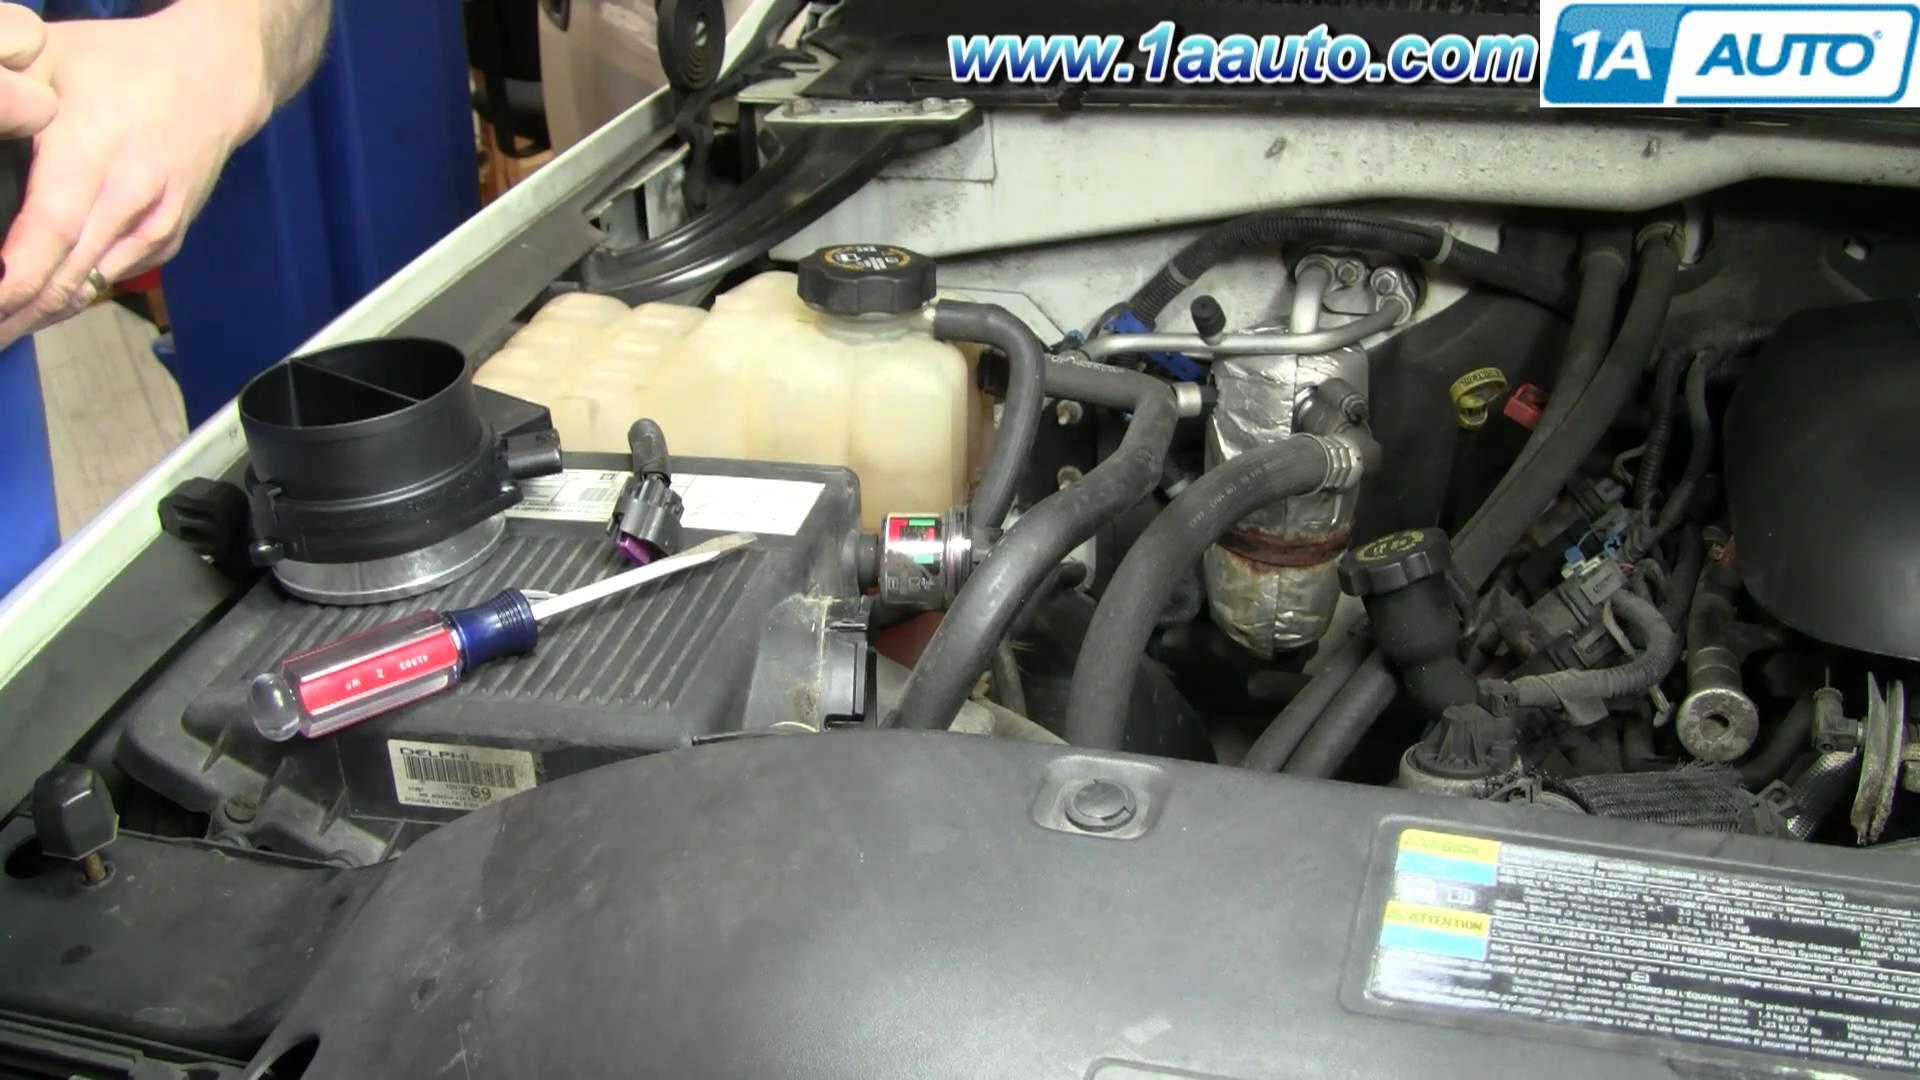 [DIAGRAM_38YU]  2007 Tahoe Fuel Filter Location 1997 Kawasaki Ninja Wiring Diagram -  masat.art-40.autoprestige-utilitaire.fr | 2007 Yukon Fuel Filter |  | Wiring Diagram and Schematics